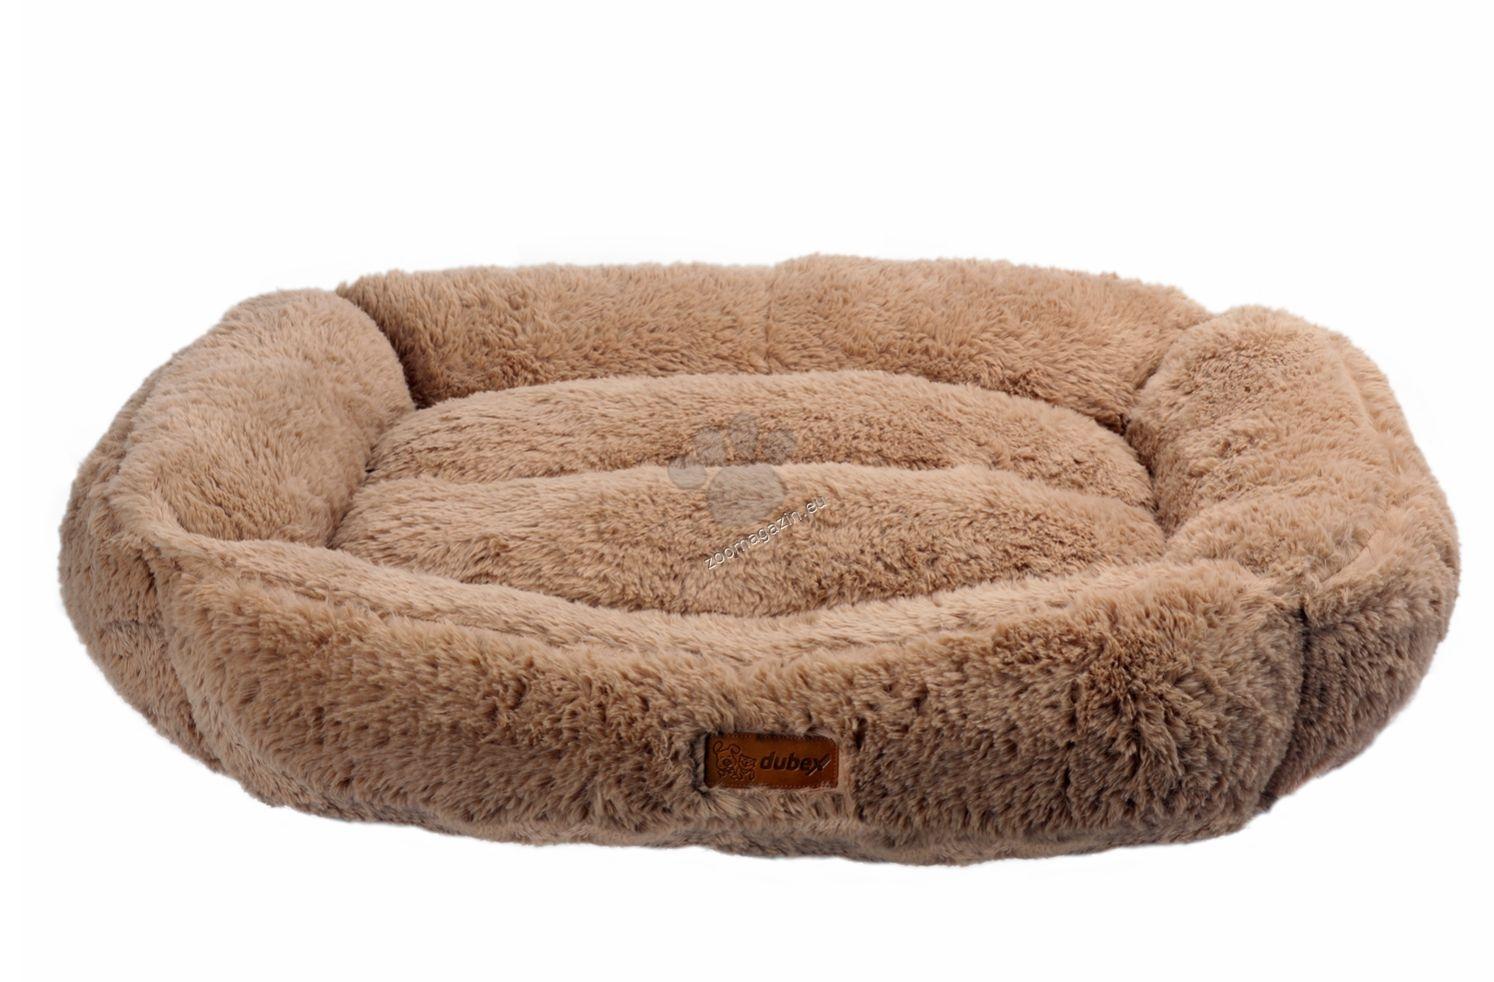 Dubex Brownie bed S - меко легло / кафяво, черно / 50 / 38 / 19 см.